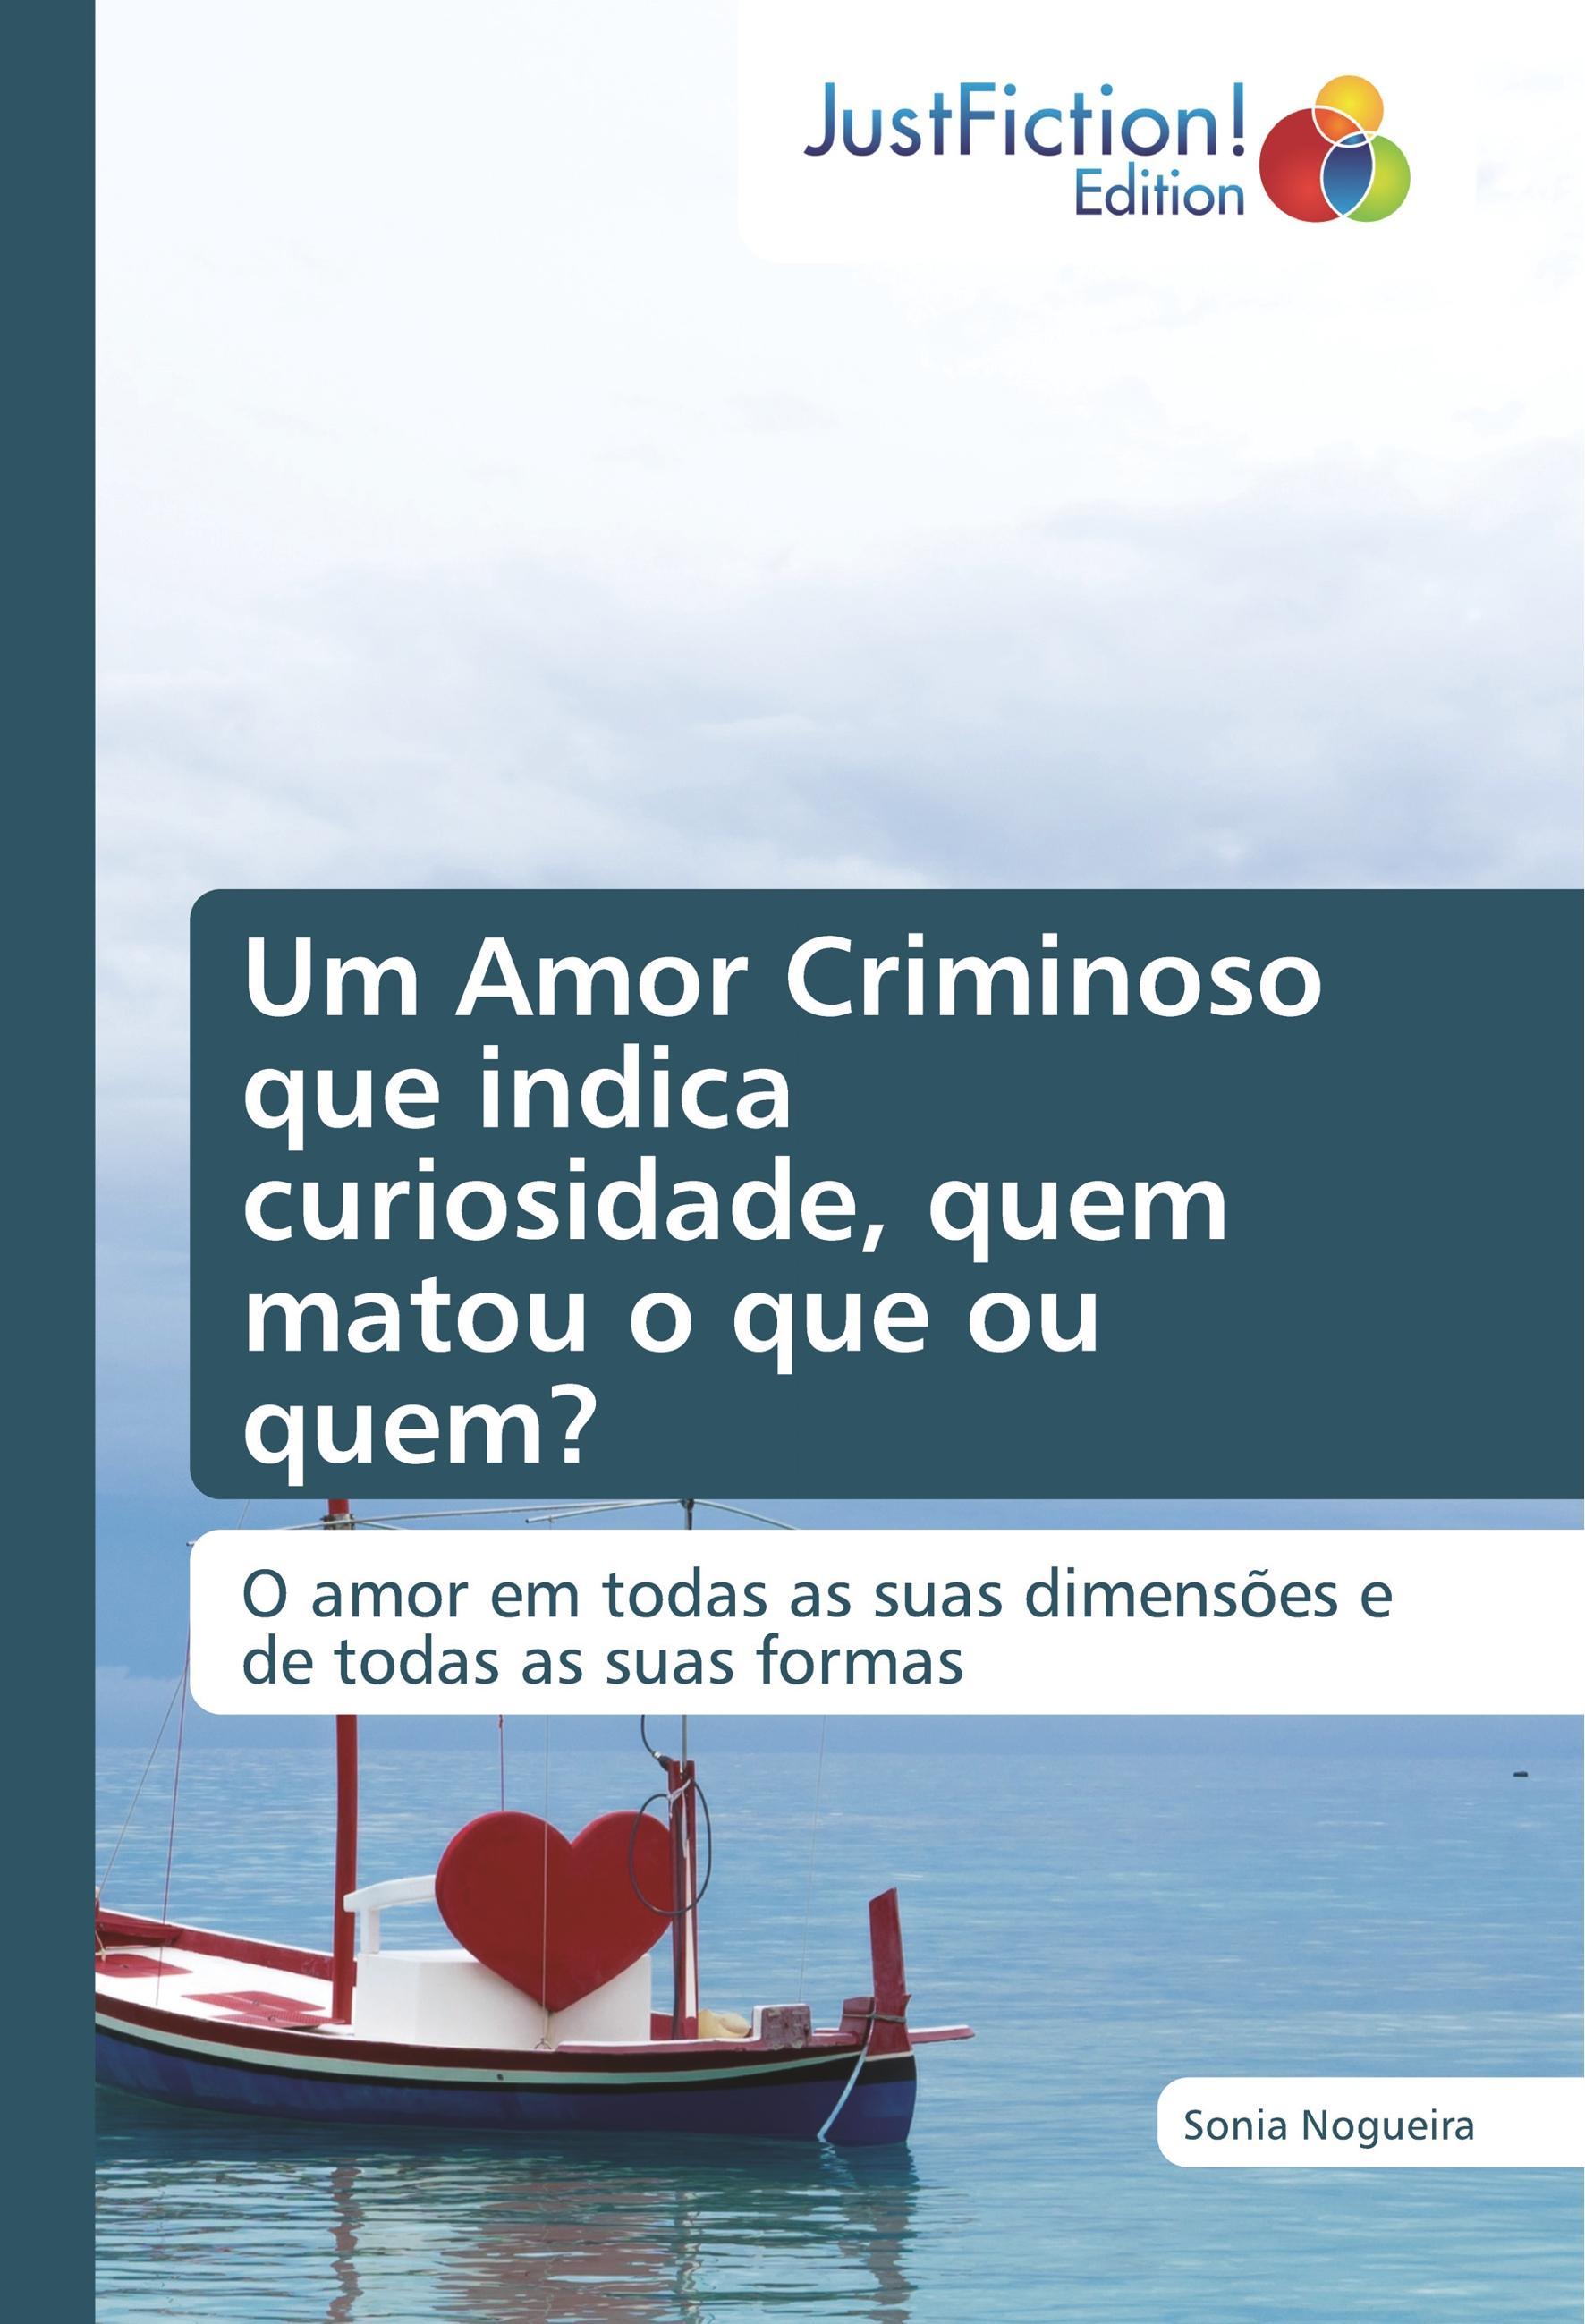 Um Amor Criminoso que indica curiosidade, quem matou o que ou quem? - Nogueira, Sonia